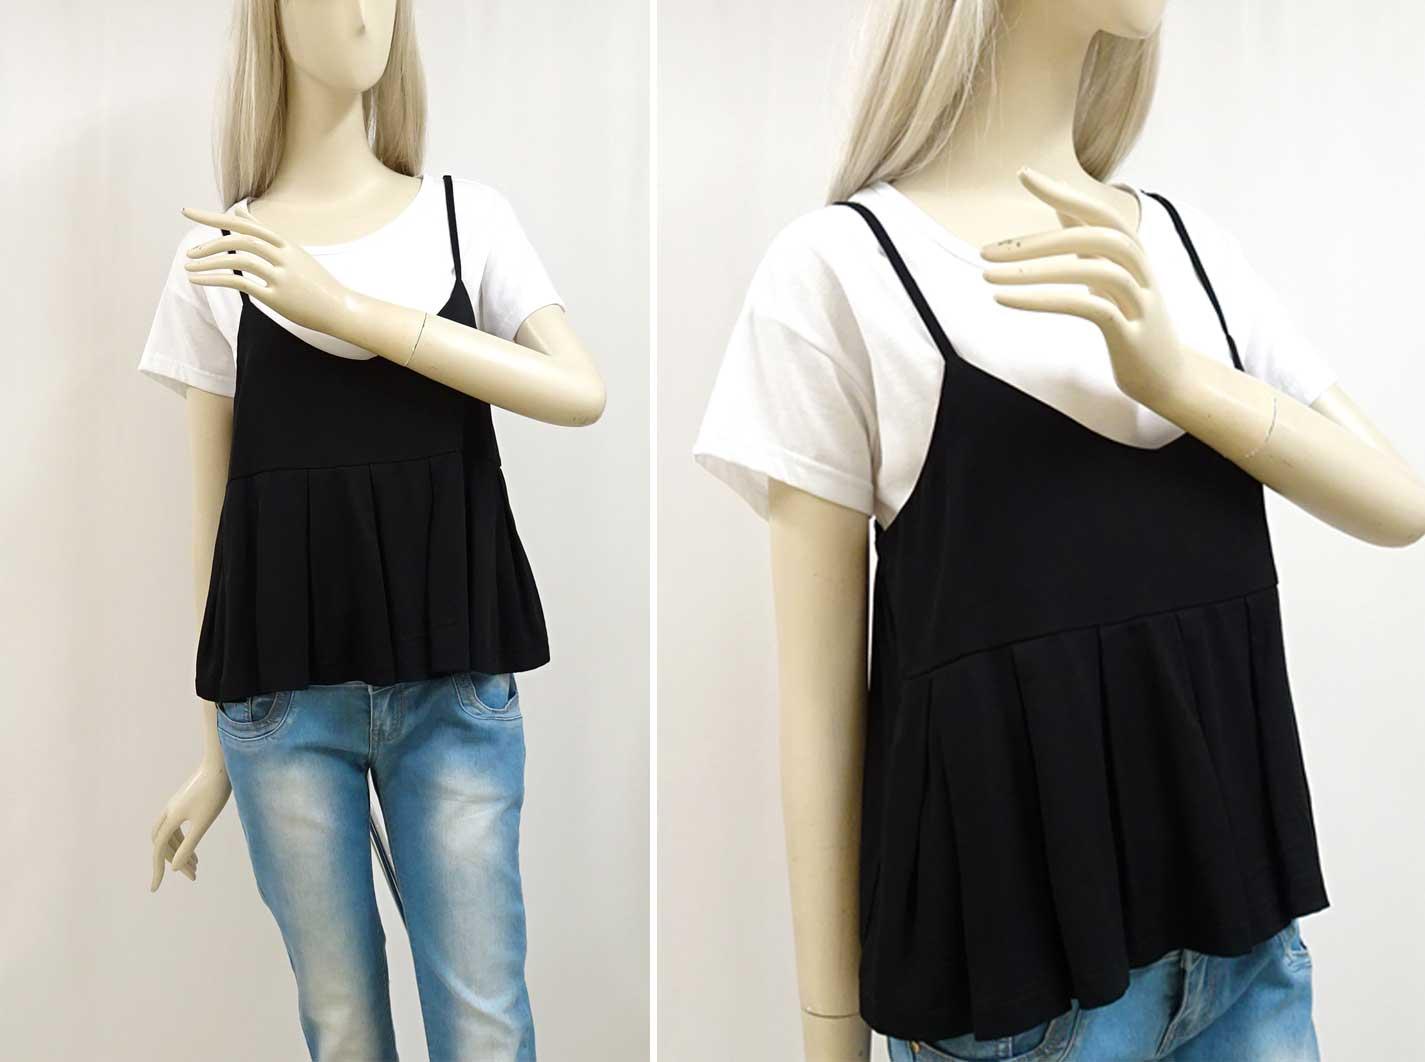 45320白いTシャツと黒いキャミソールのセット